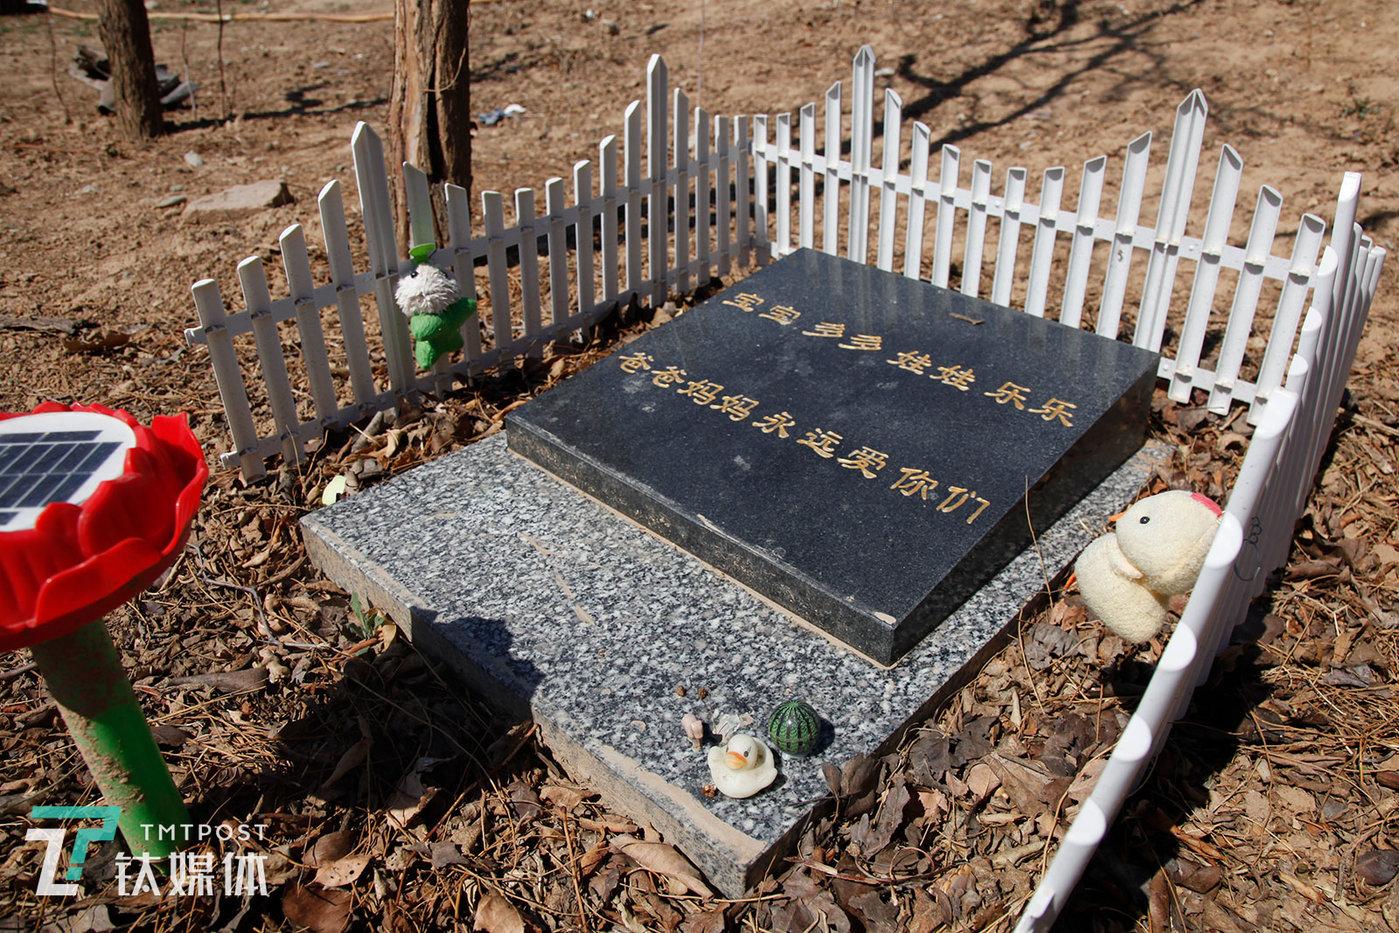 目前整个墓地共保存着30多只过世宠物的骨灰,经常有宠物主人前来探望,探望最勤的客人一个月会来两次。